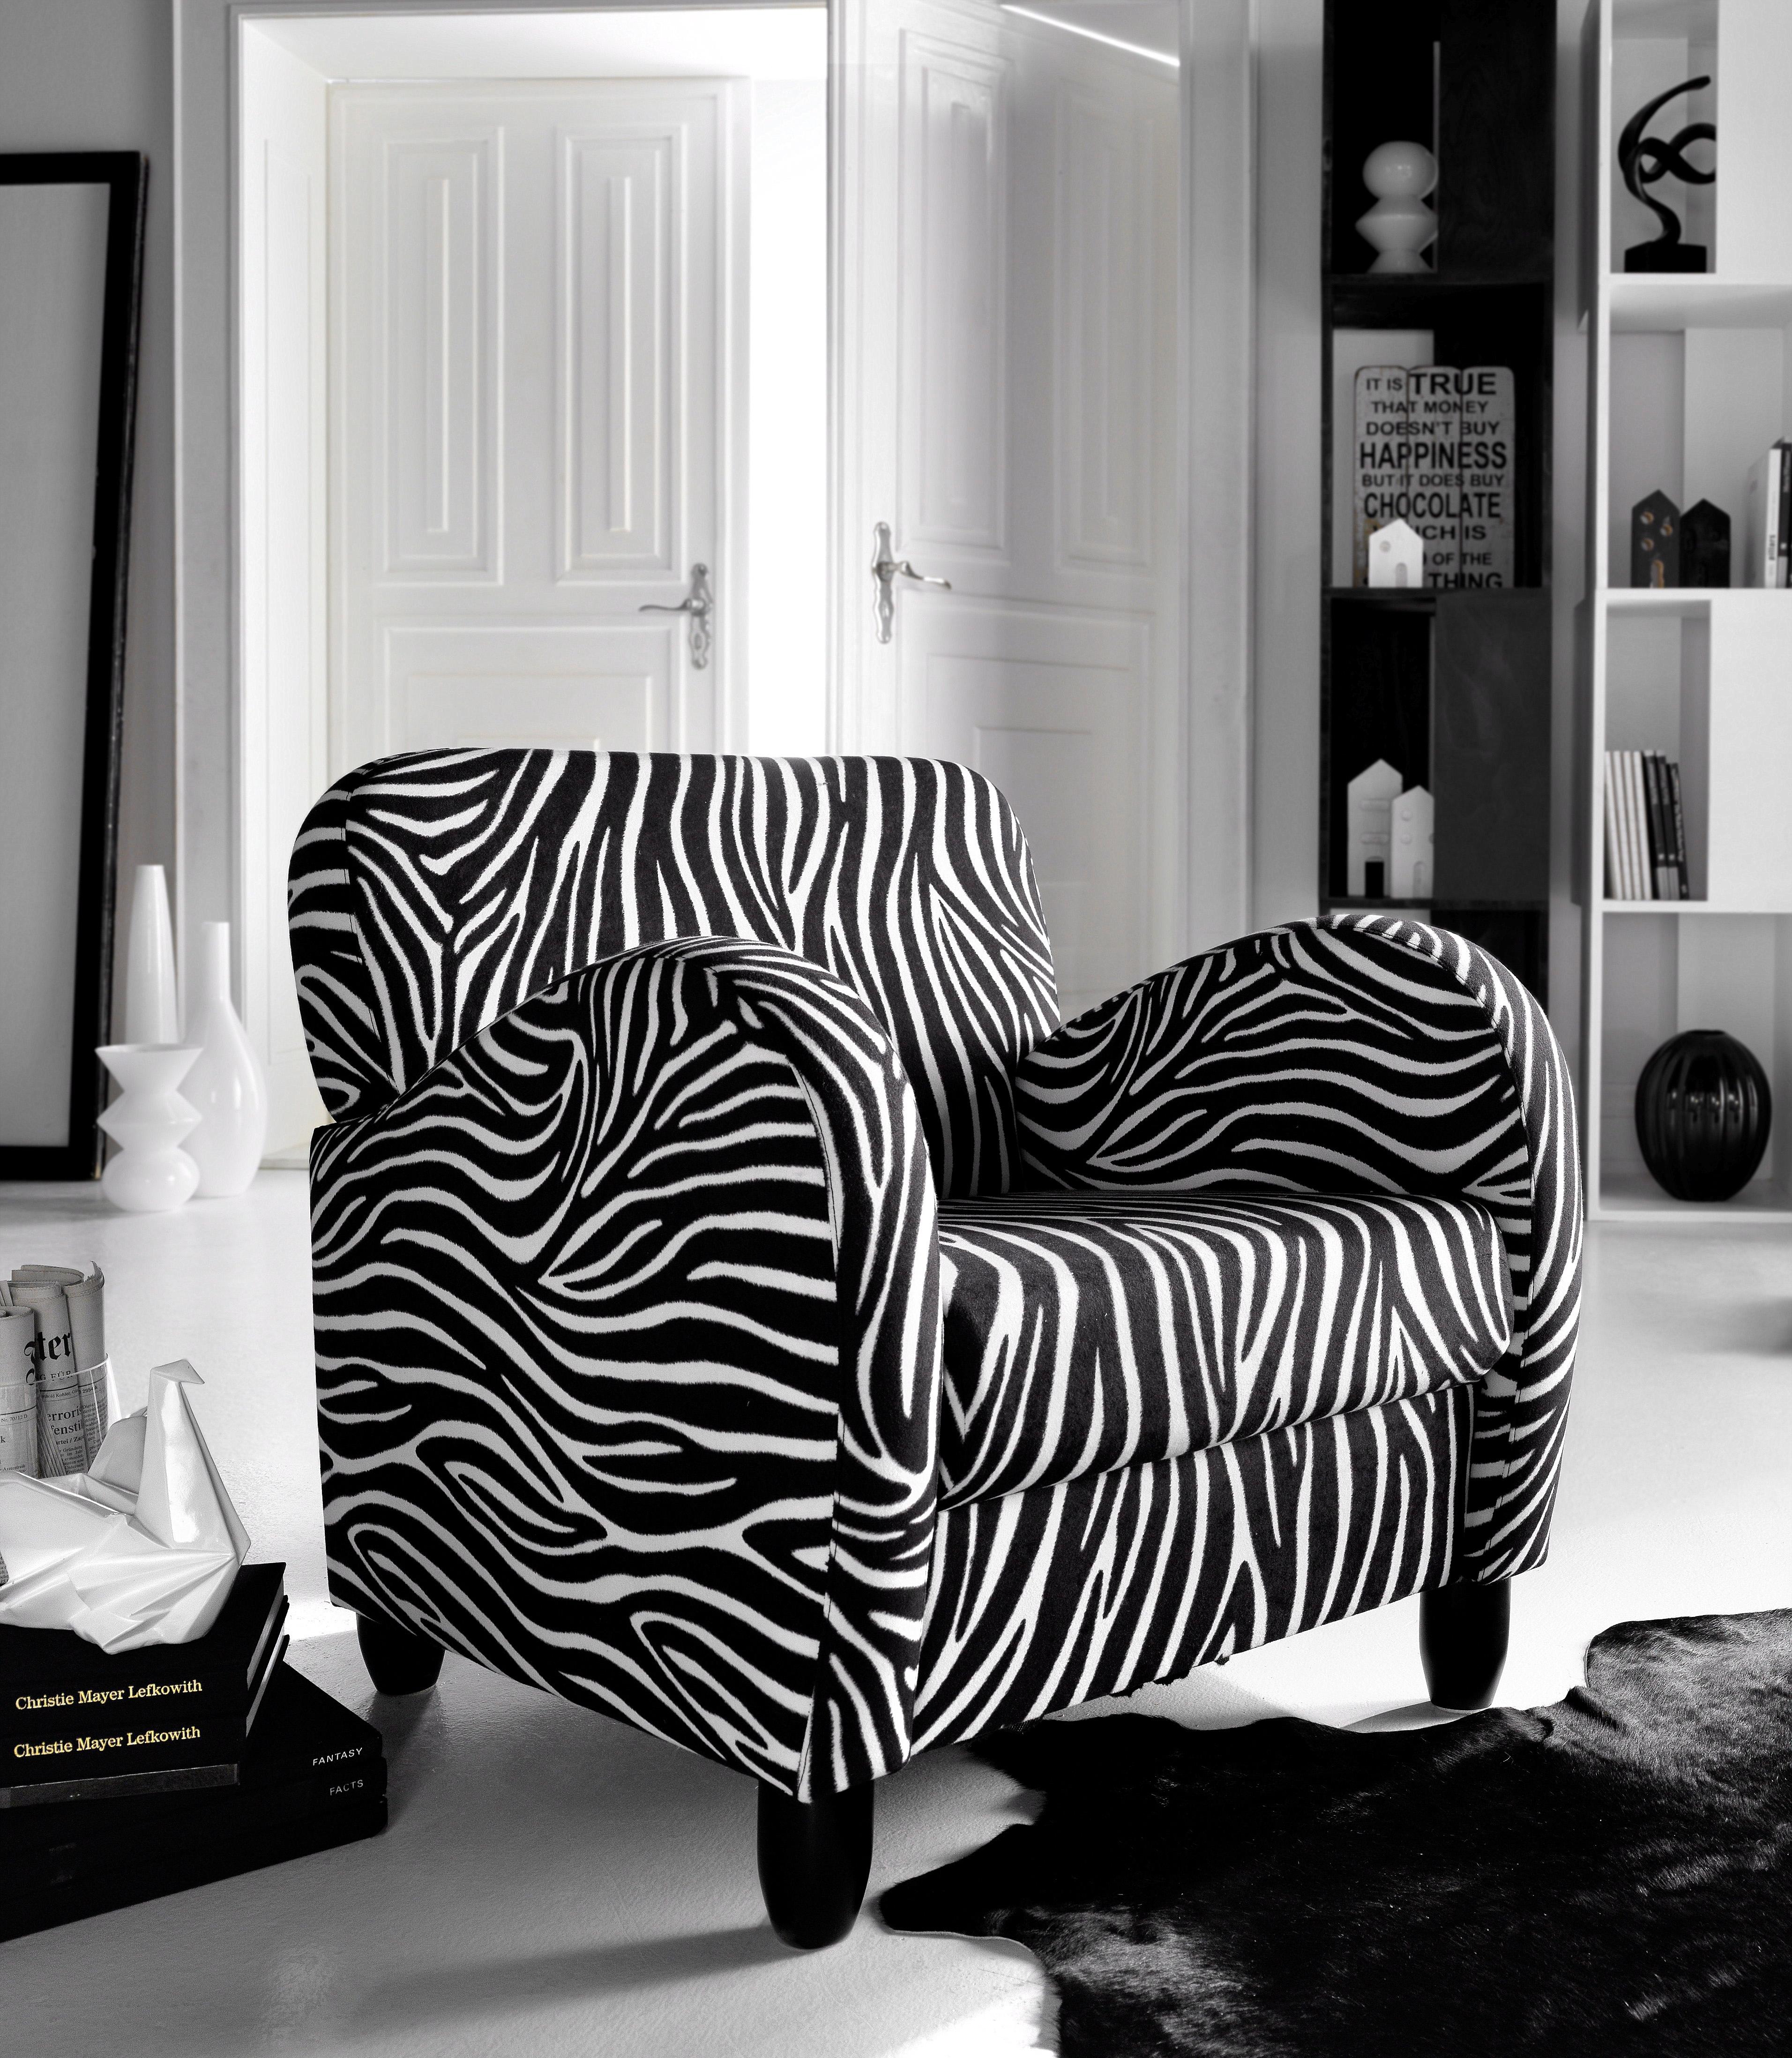 Inosign Fauteuil in zebra-look veilig op otto.nl kopen